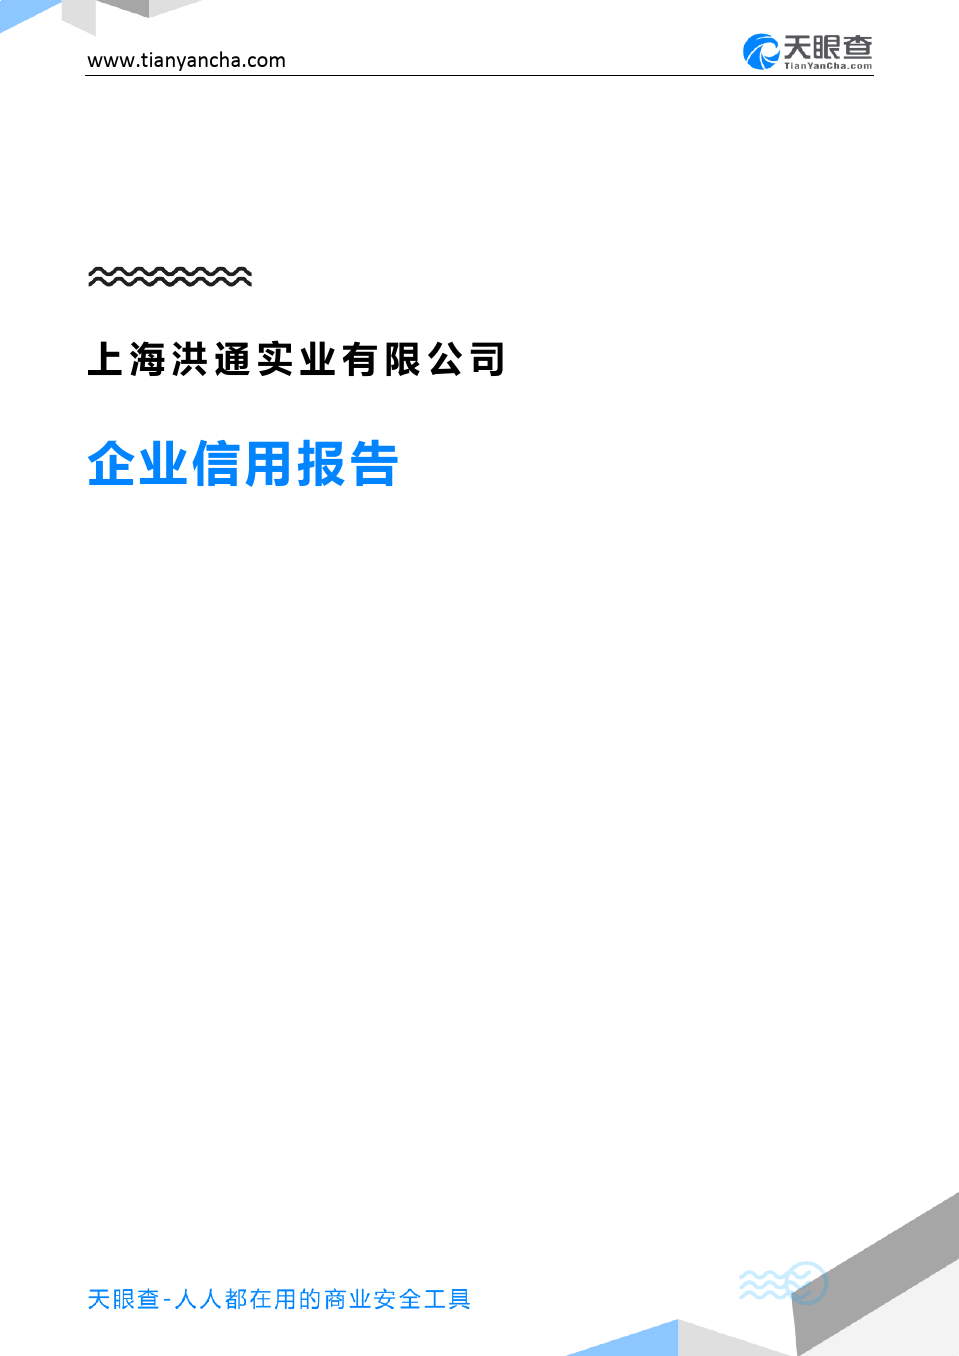 上海洪通实业有限公司(企业信用报告)- 天眼查